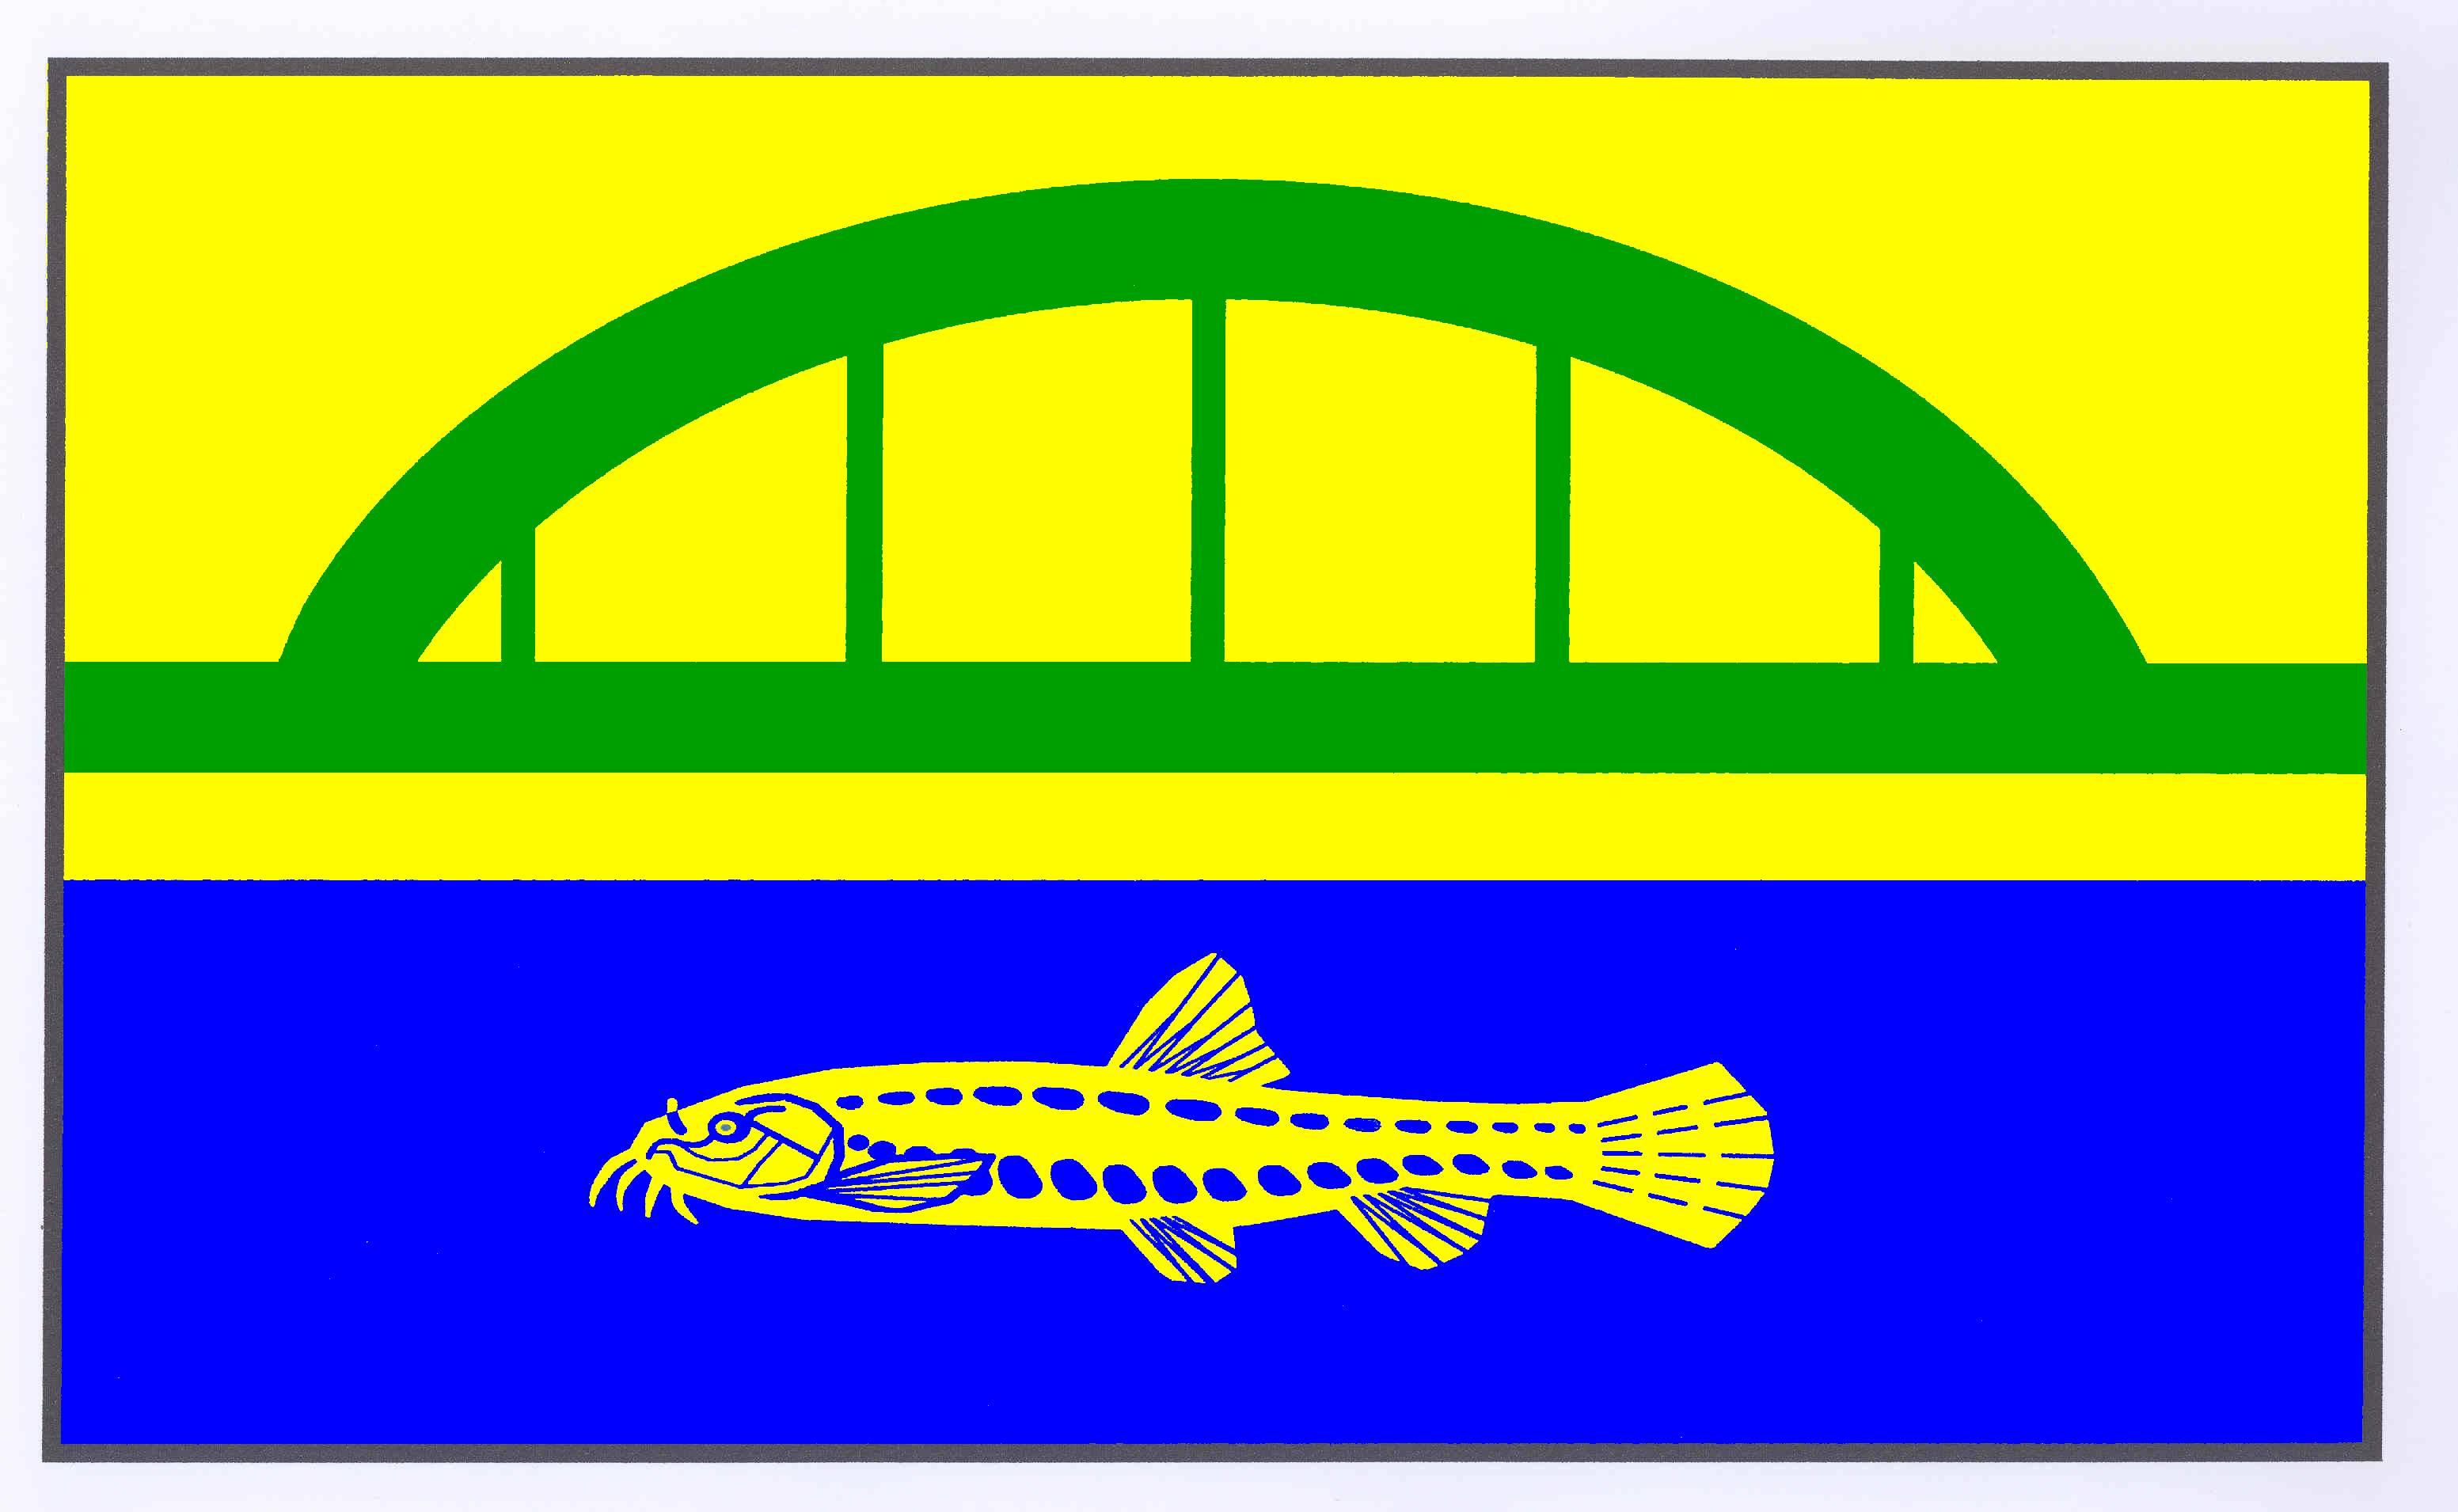 Flagge GemeindeDalldorf, Kreis Herzogtum Lauenburg